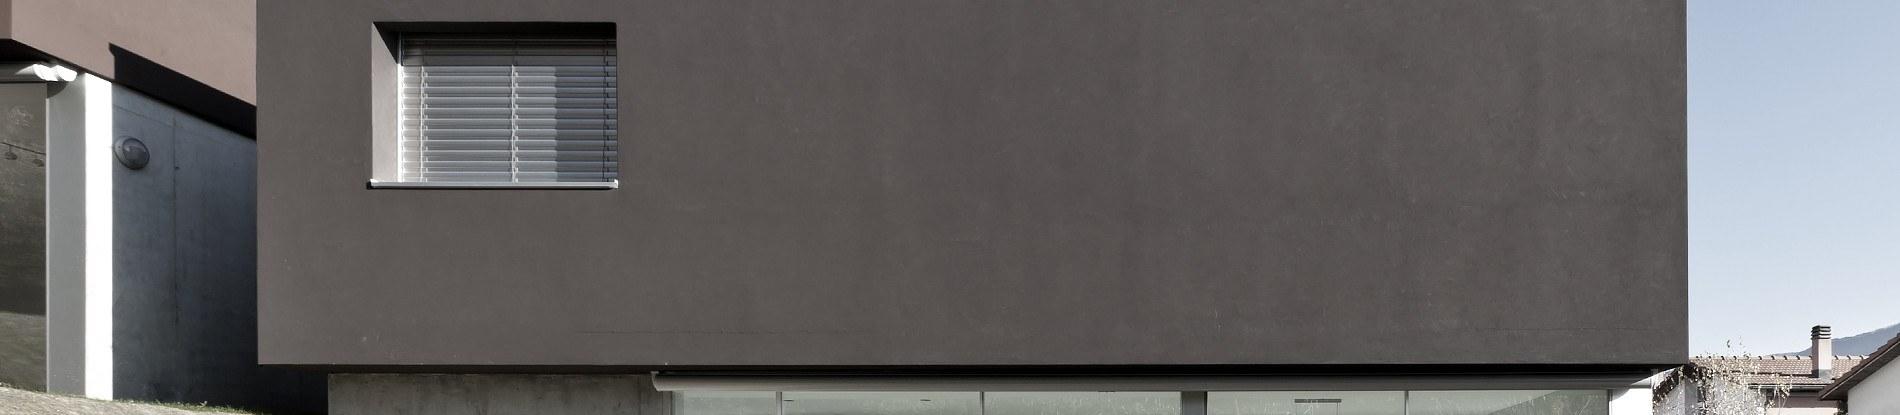 Full Size of Einbruchsichere Fenster Sicherheitsfenster Preise Fr Wk2 Wk3 Wk4 Rc Neufferde Einbruchschutz Stange Insektenschutzrollo Zwangsbelüftung Nachrüsten Fenster Einbruchsichere Fenster